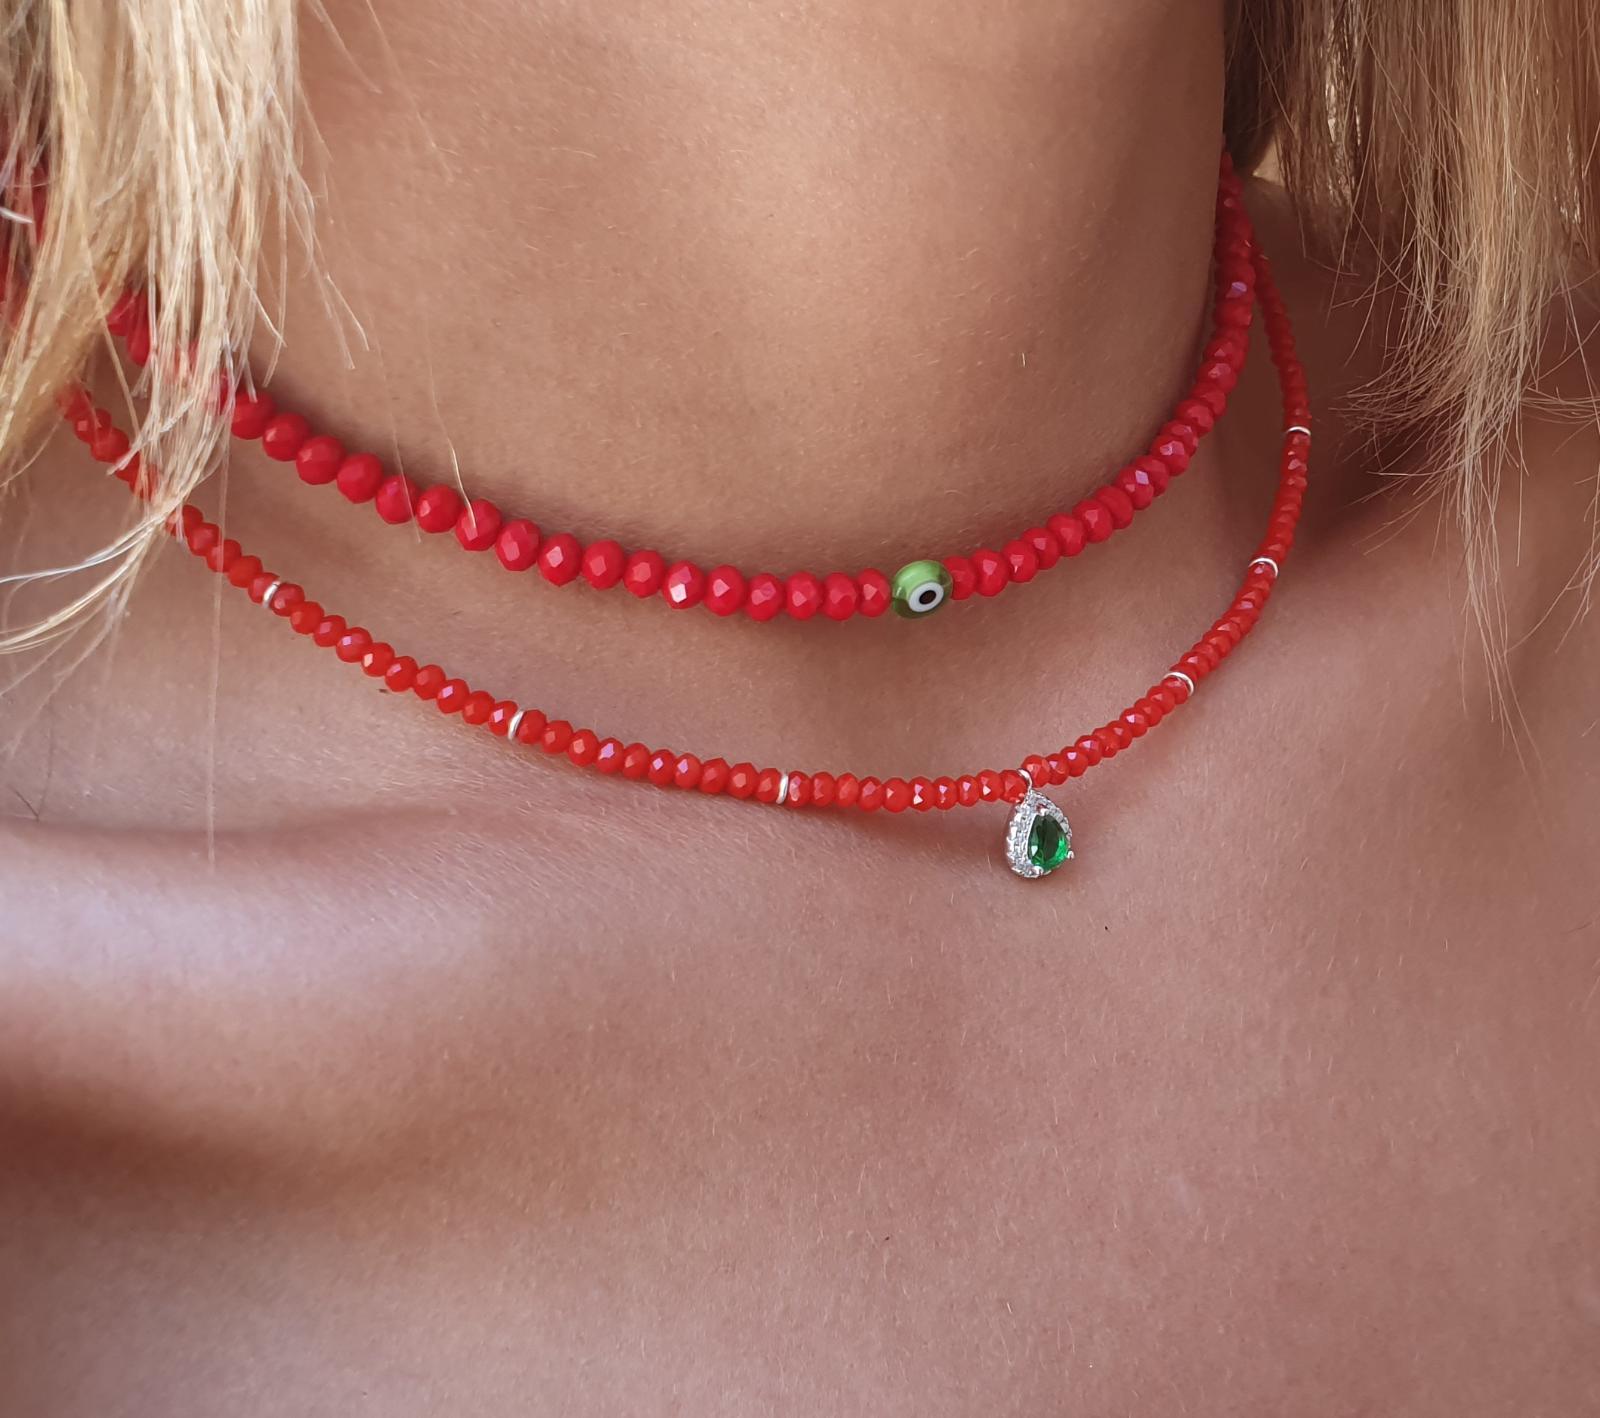 שרשרת חרוזים אדומים-טיפה ירוקה